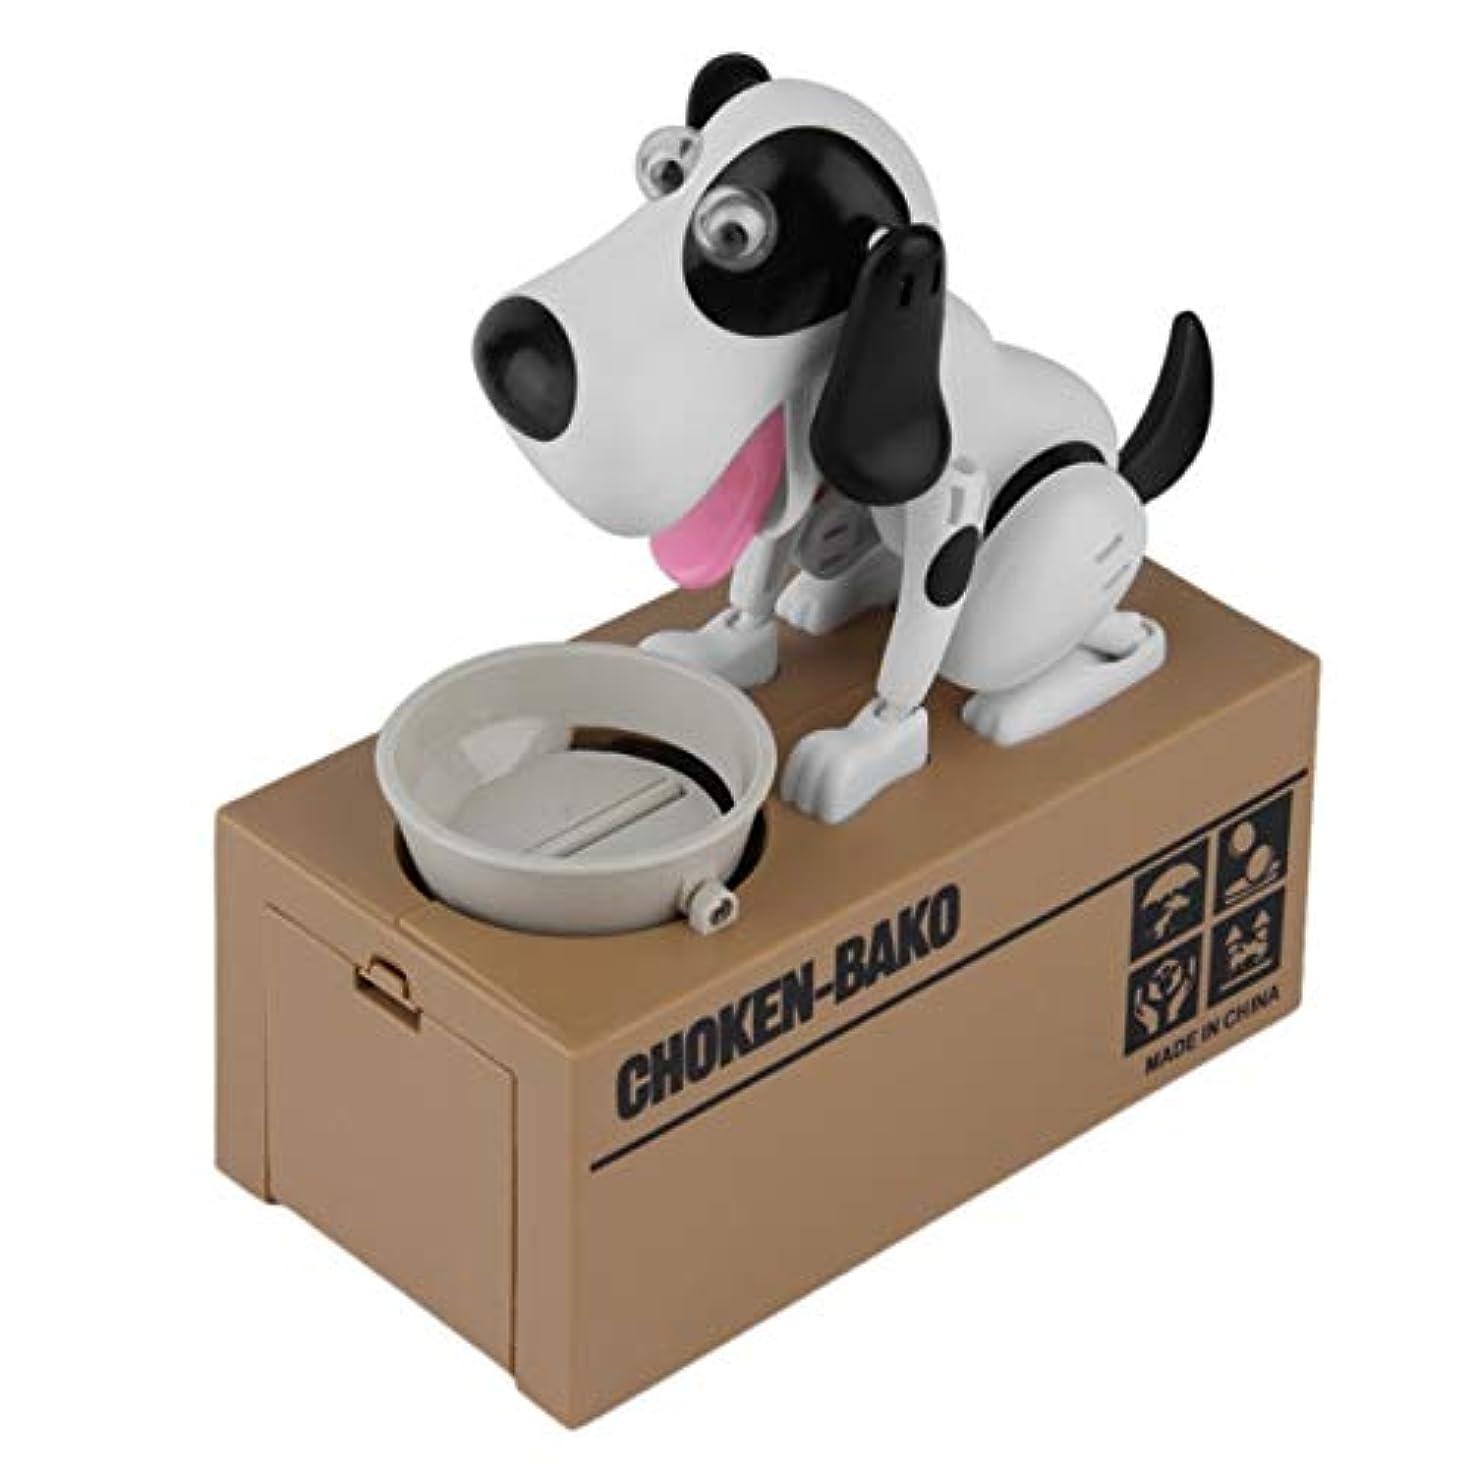 皮肉な水銀の告発者Saikogoods 耐久性に優れたロボット犬貯金箱自動コインマネーバンクかわいい犬モデルマネーバンクマネーセービングボックスコインボックスを盗みました 黒+白